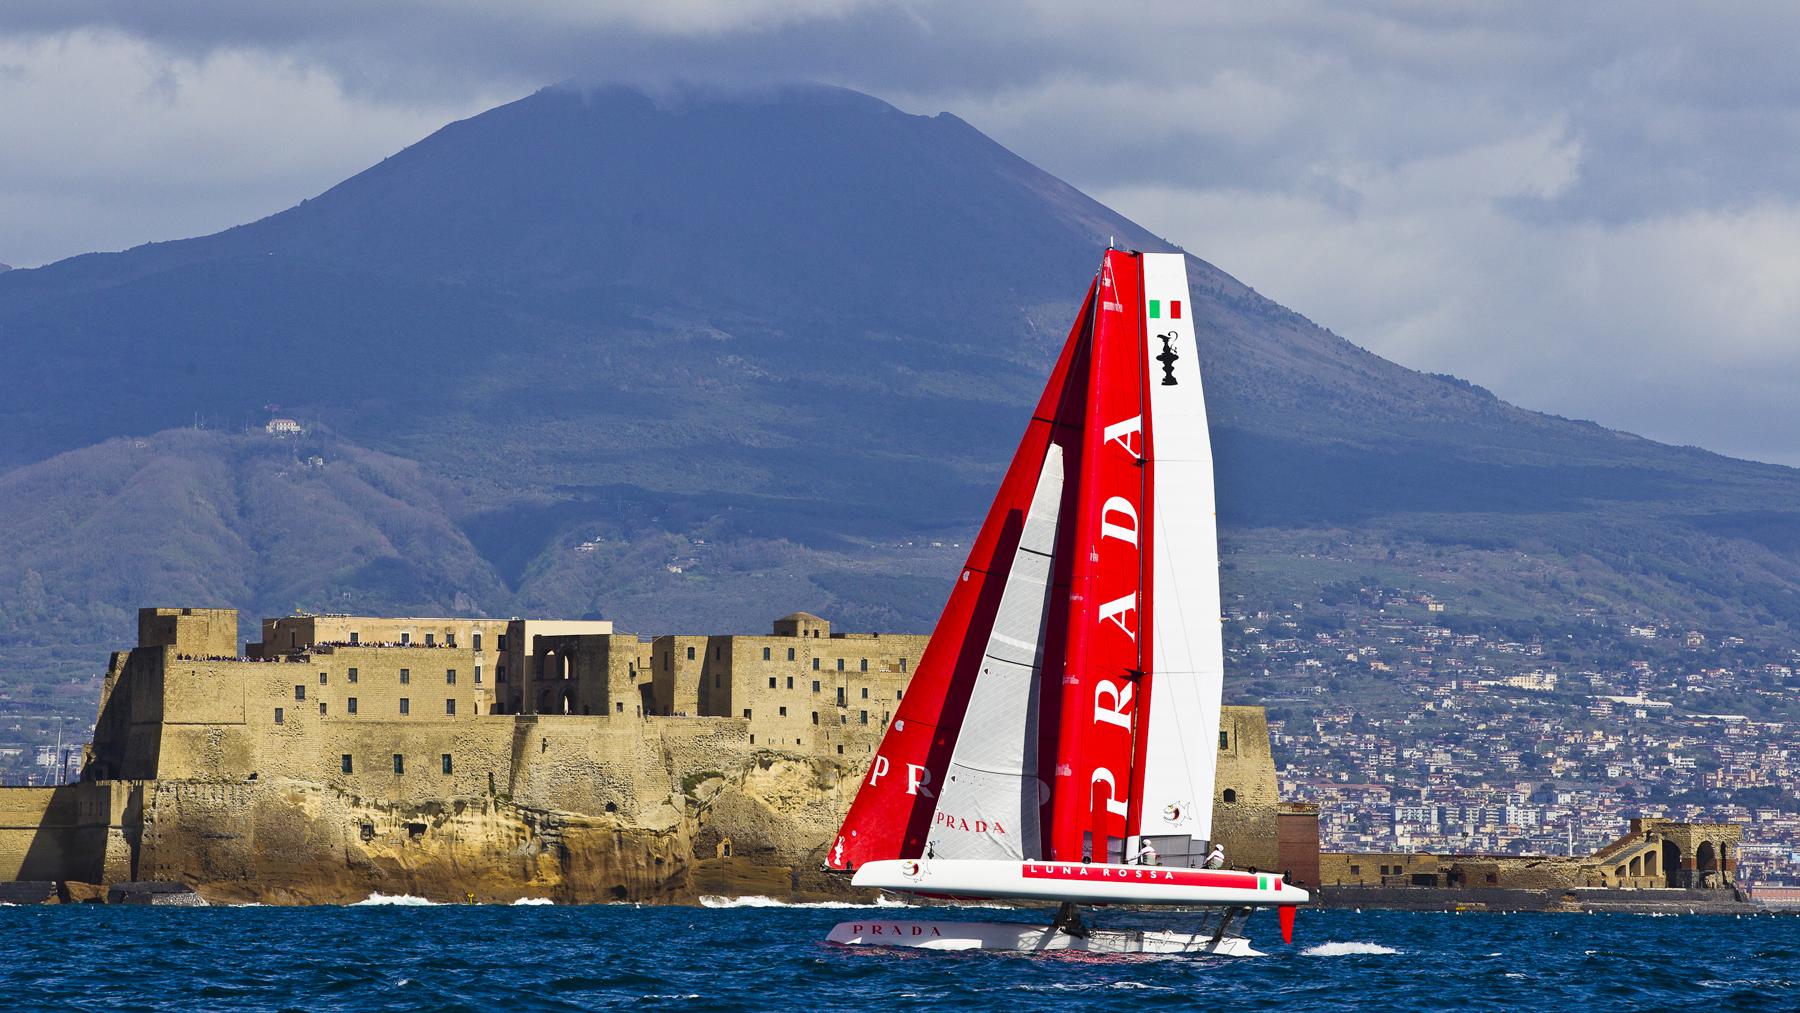 Bilogic Agenzia di Comunicazione sul web per Solaria Service Destination Management Company, società di encoming ed organizzazione eventi a Napoli.